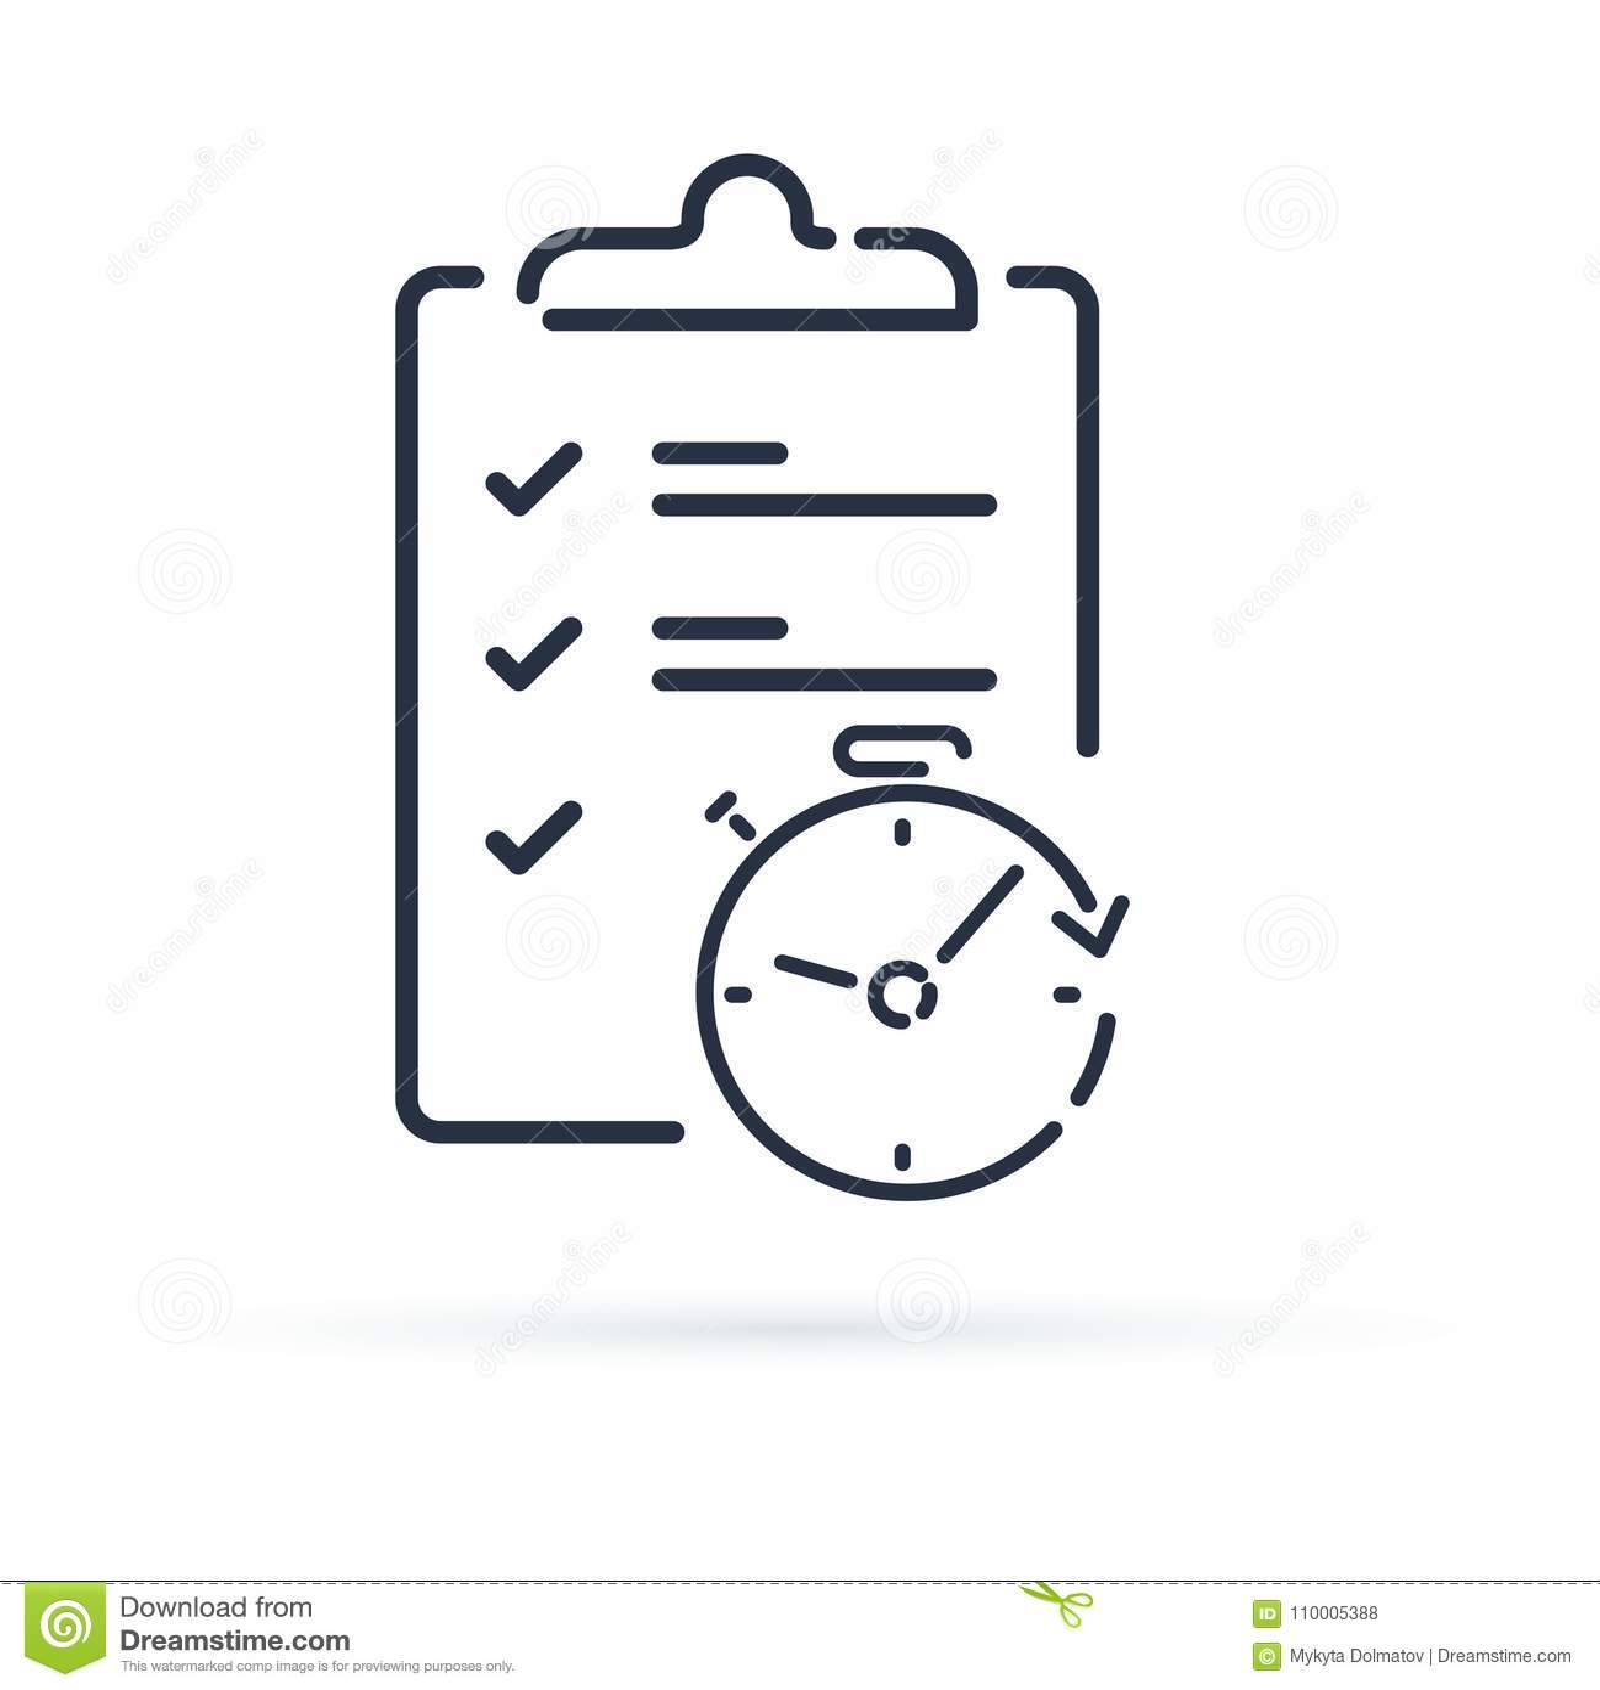 Γρήγορη απλή λύση υπηρεσιών, διαχείριση του προγράμματος και περιοχή αποκομμάτων ερευνών πινάκων ελέγχου βελτίωσης Έννοια εγγραφή